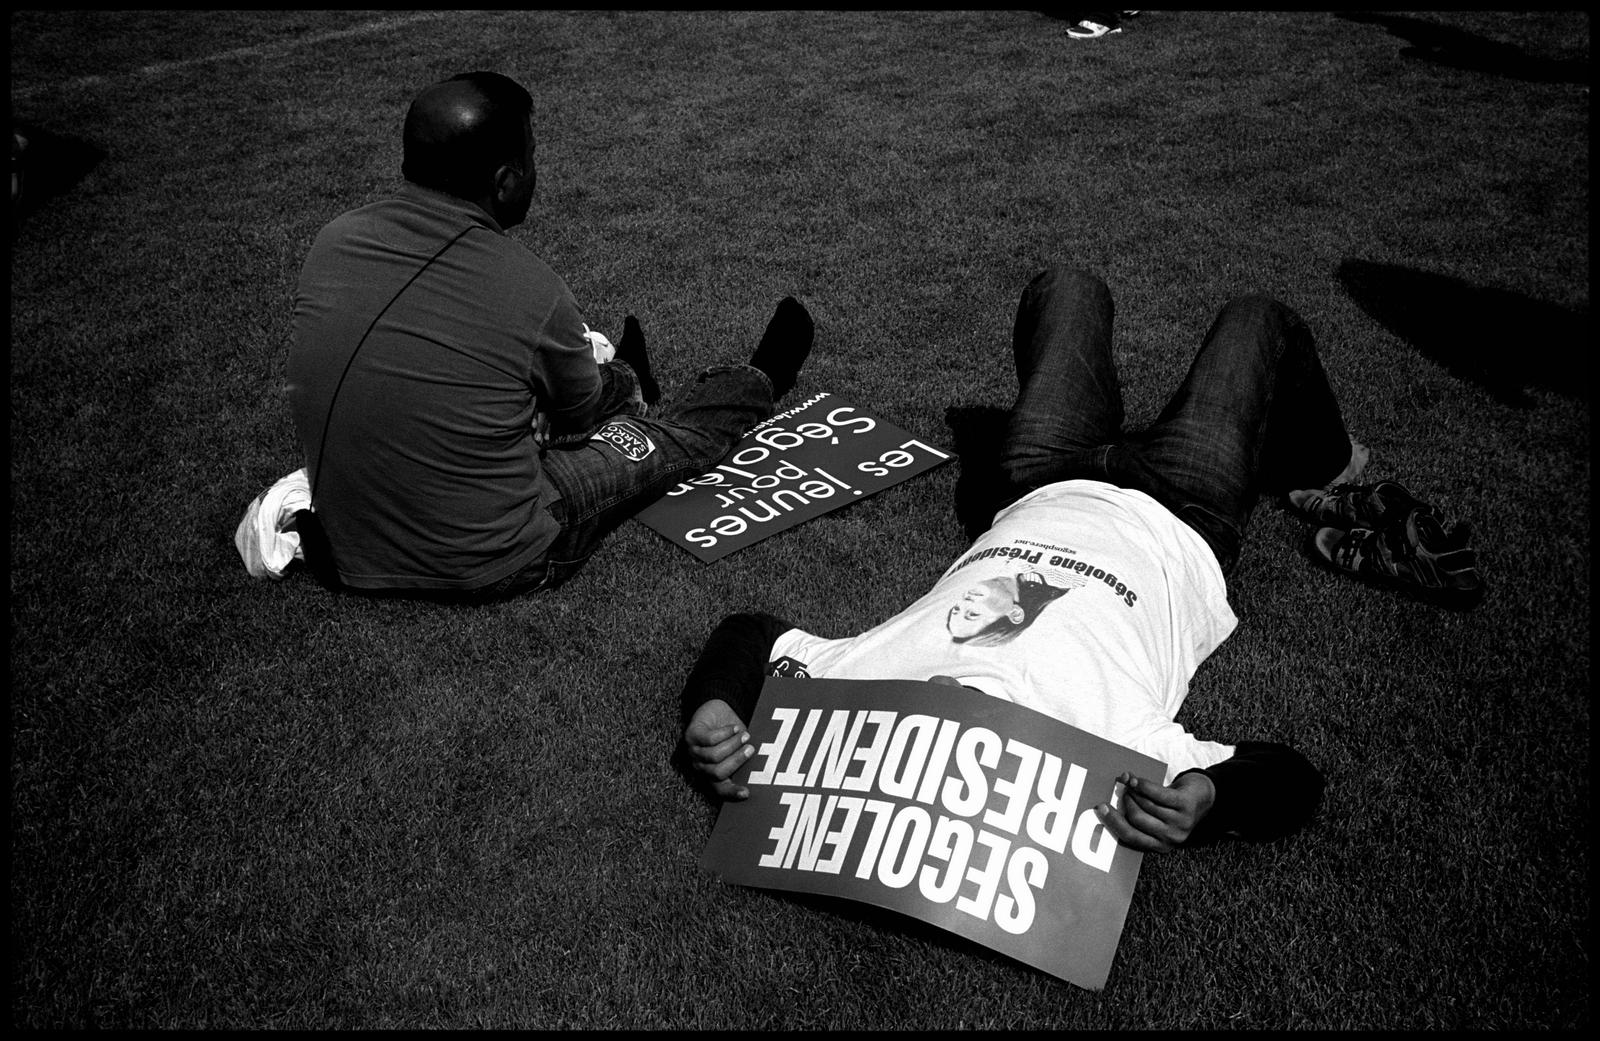 Des supporters de Ségolène Royal au stade charlety le 1er mai 2007 peu avant son discours.